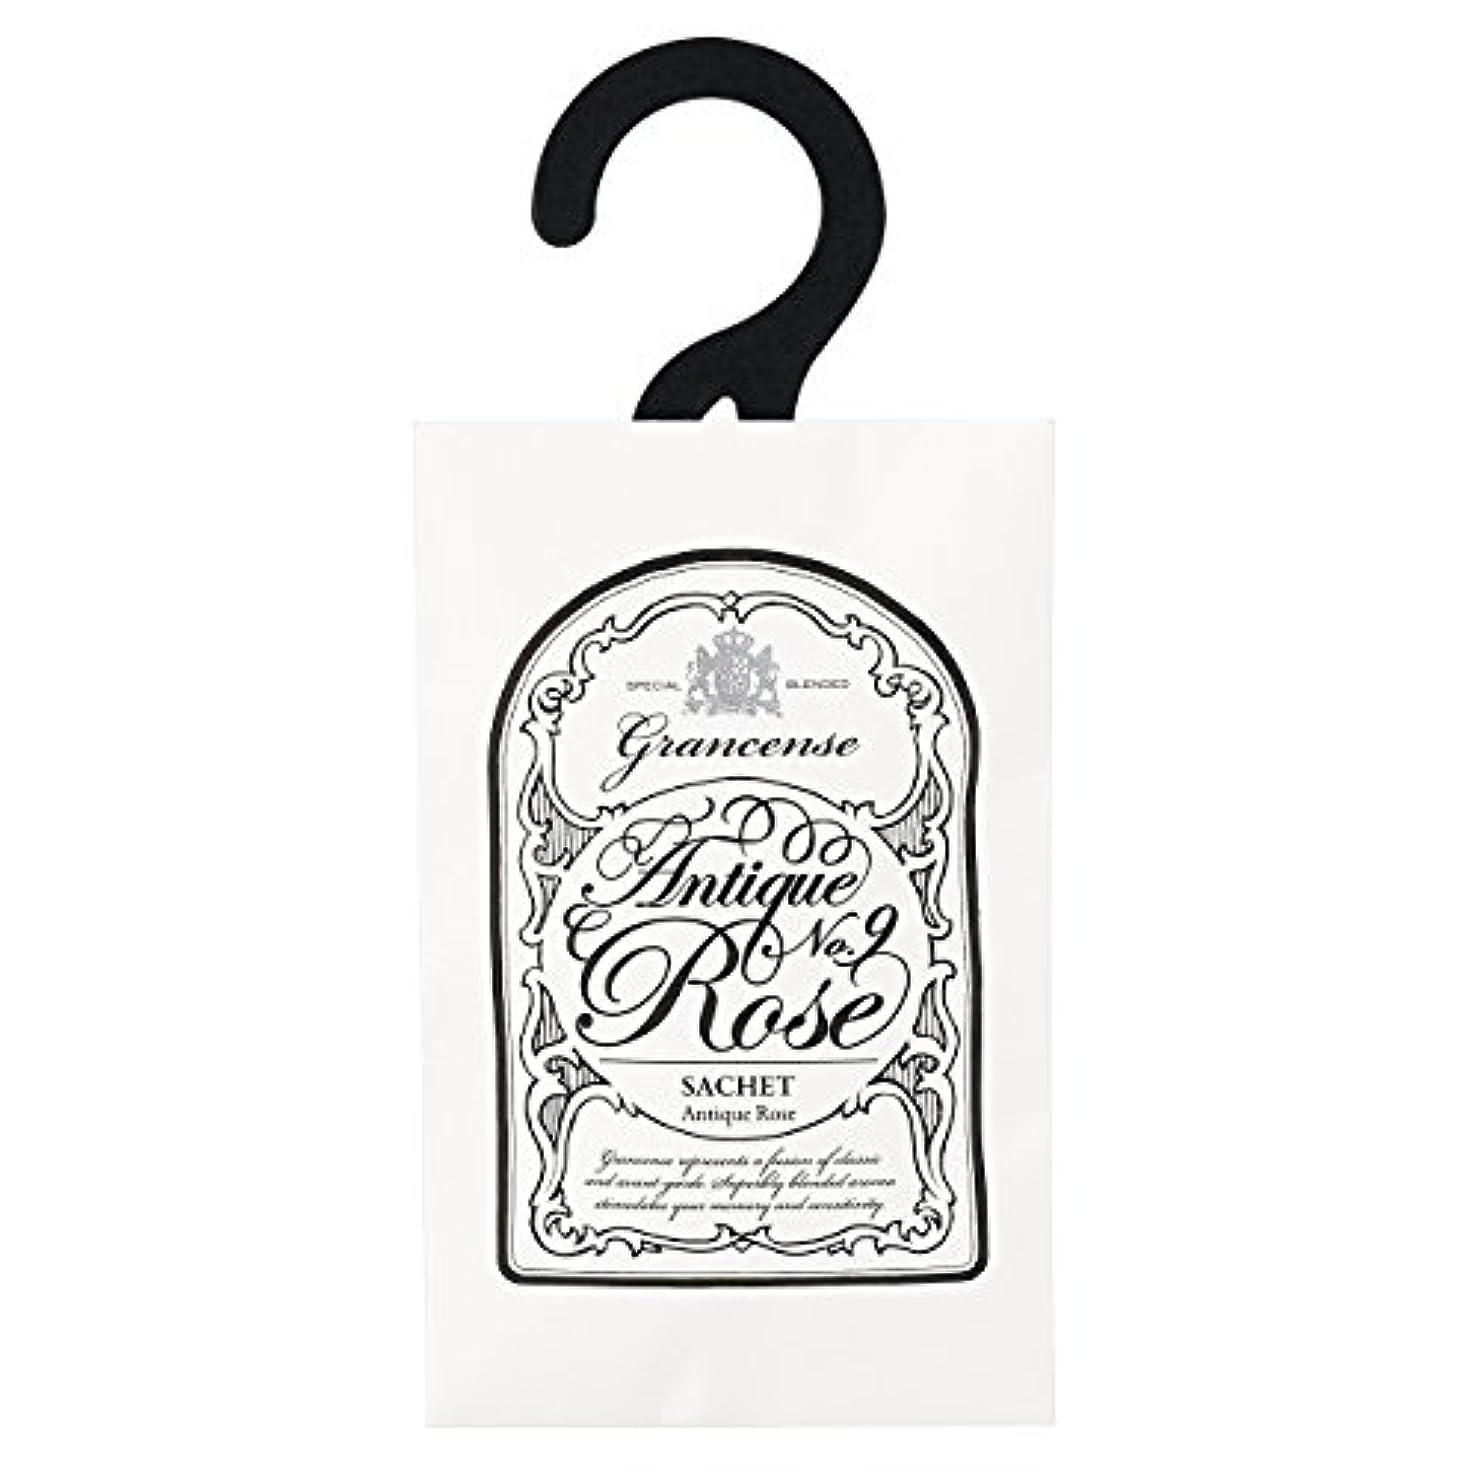 あご休憩箱グランセンス サシェ(約2~4週間) アンティークローズ 12g(芳香剤 香り袋 アロマサシェ カシスの青さとローズをミックスした印象深い香り)